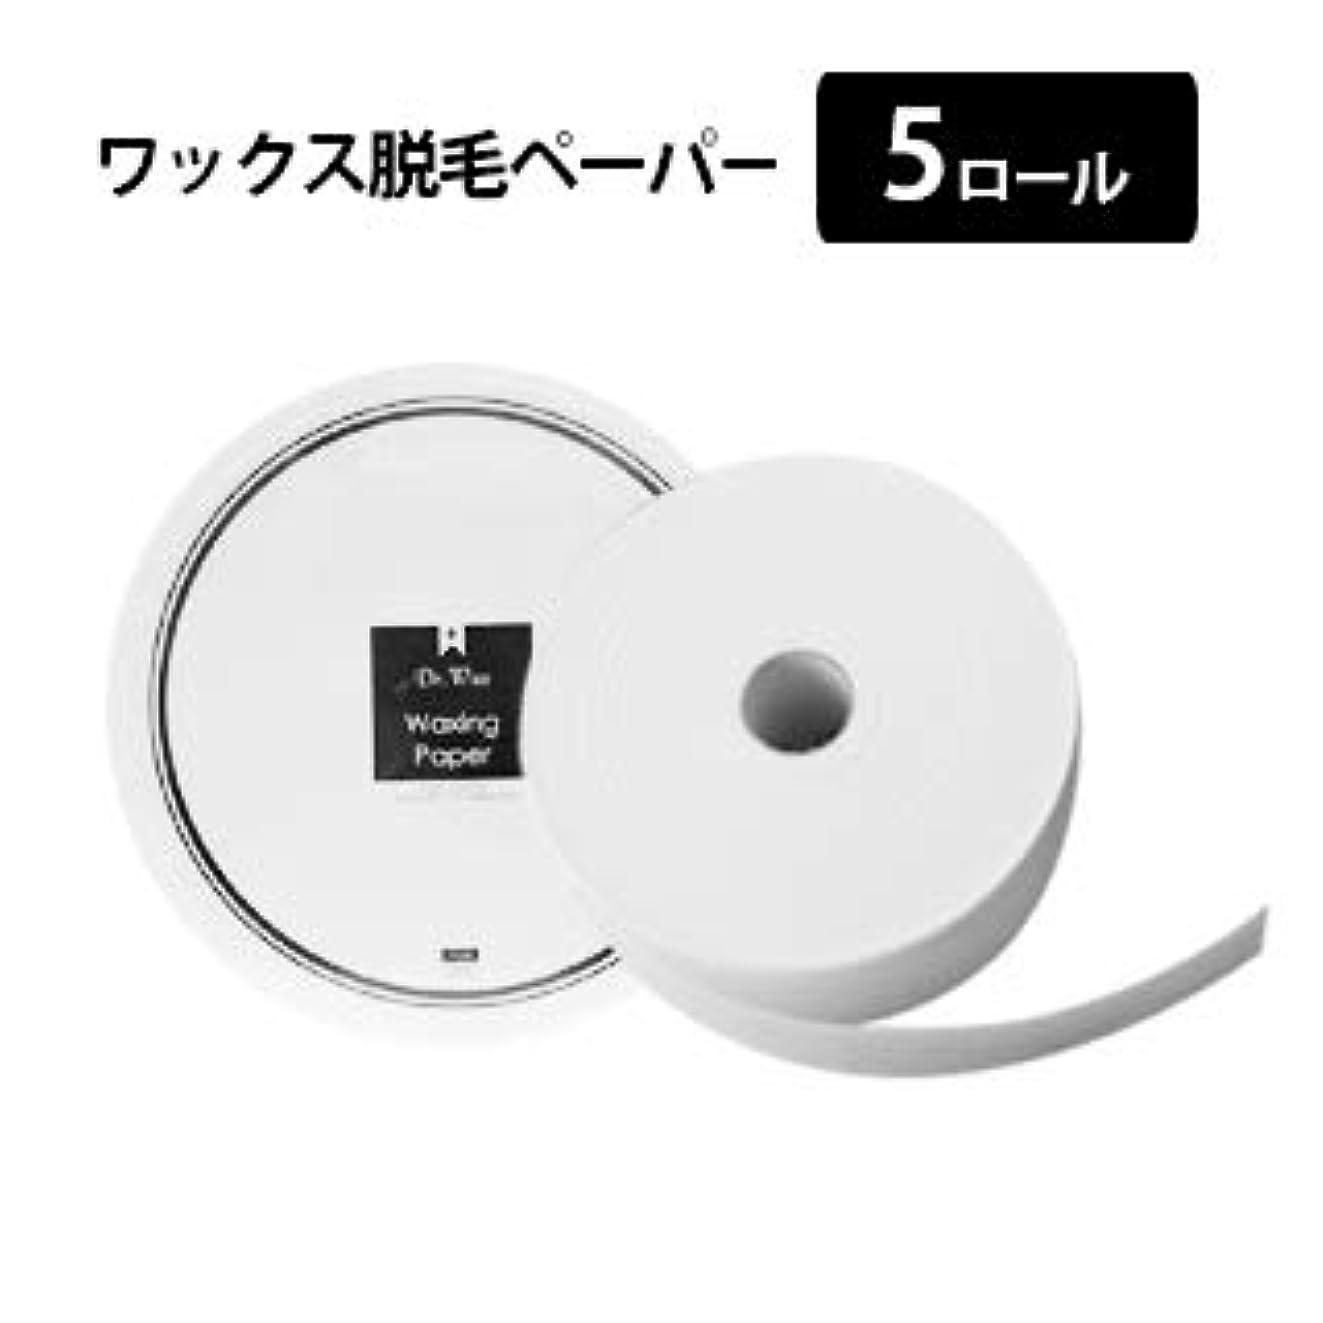 医薬品恐怖名誉【5ロール】ワックスロールペーパー 7cm スパンレース素材